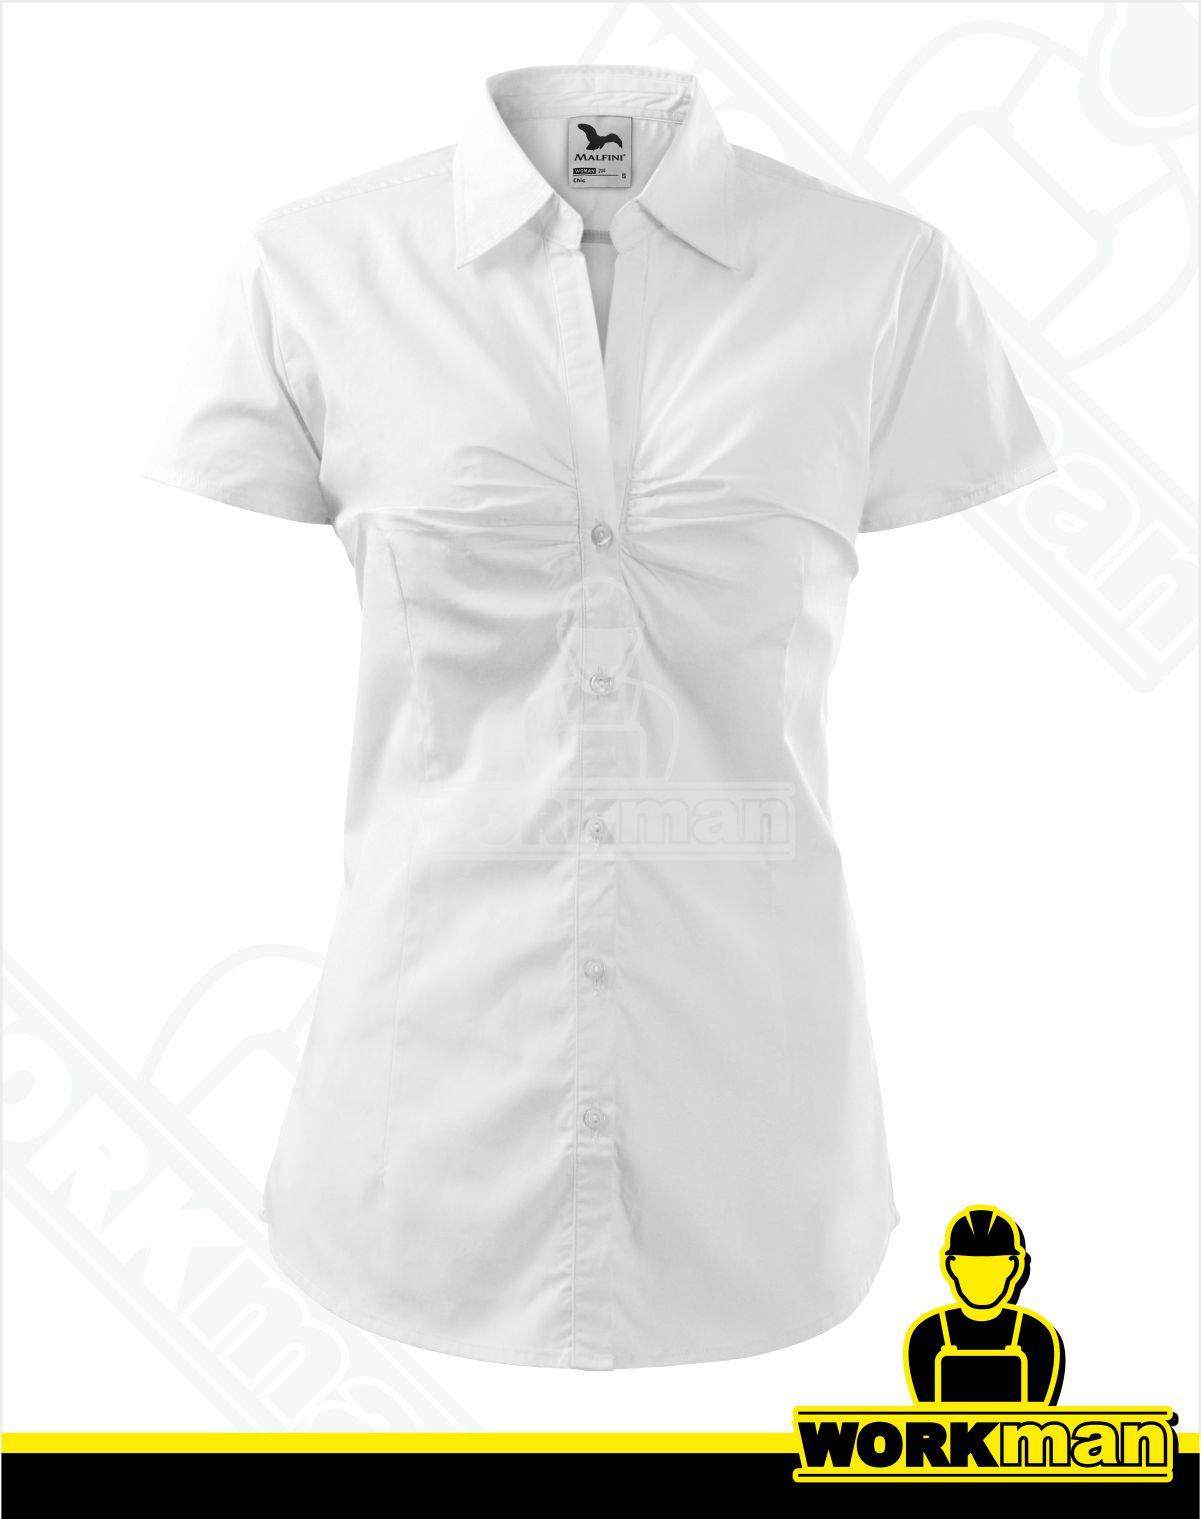 0823d7d92489 Dámska košeľa CHIC Malfini Pracovné odevy WORKMAN